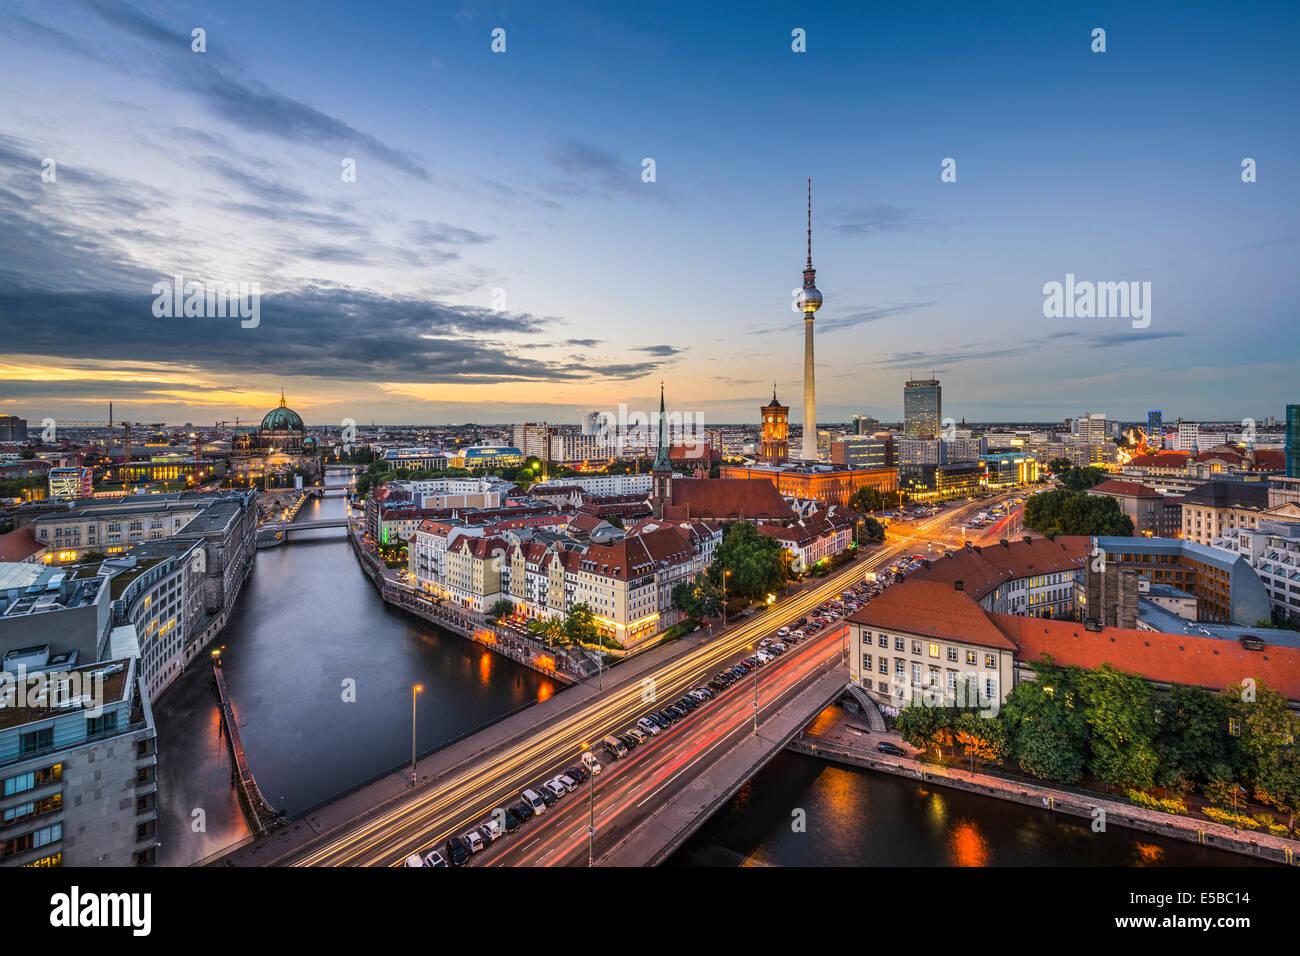 Berlín, Alemania la ciudad al anochecer. Imagen De Stock